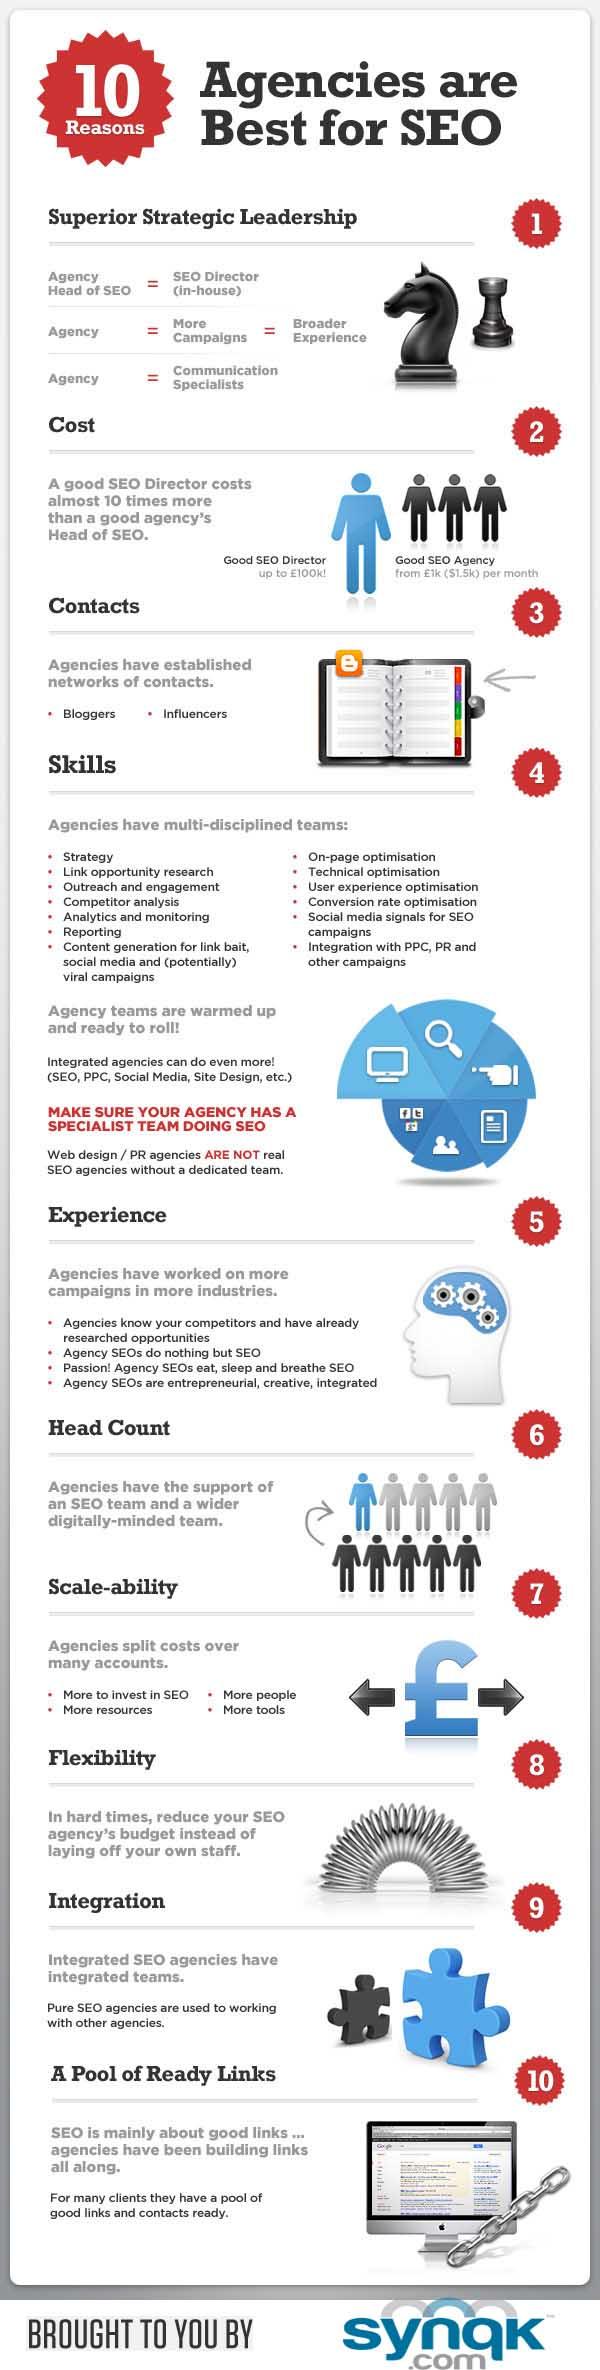 1seo-infographic